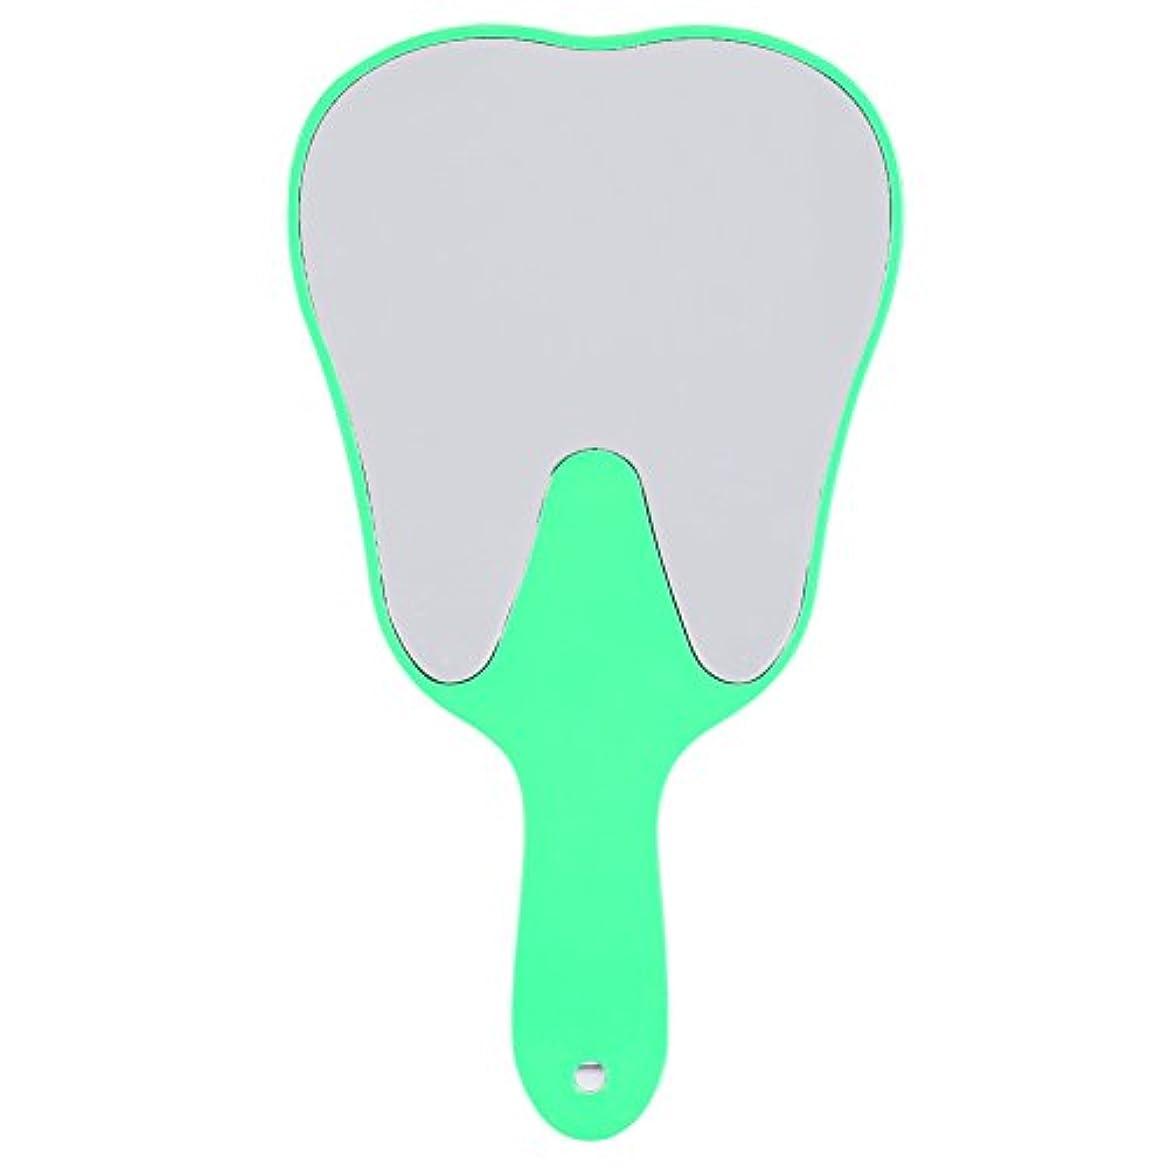 スキッパーマインドフルマイクおしゃれな便利なかわいいプラスチックハンドル歯歯科ケアハンドミラーツール(グリーン)